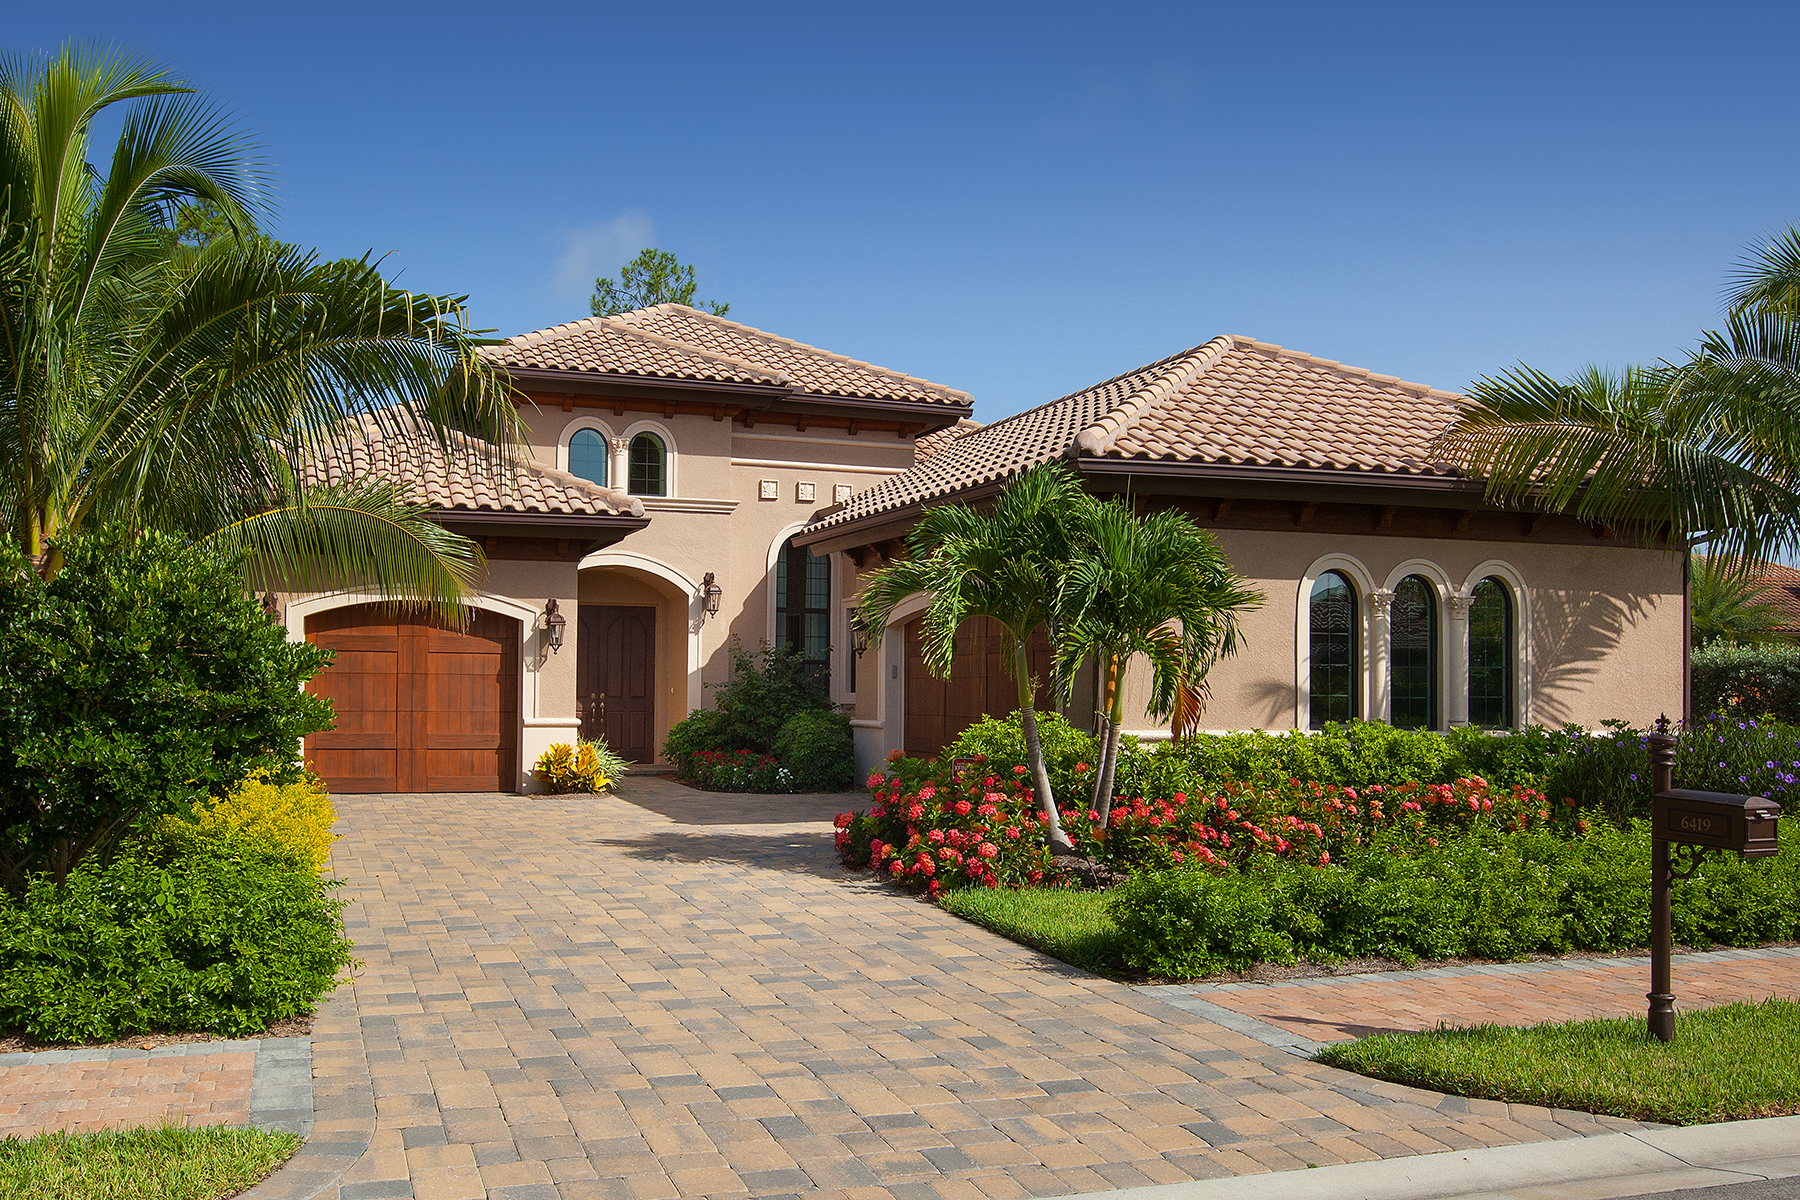 Casa Unifamiliar por un Venta en LELY RESORT - LAKOYA 6419 Vivaldi Ct Naples, Florida 34113 Estados Unidos